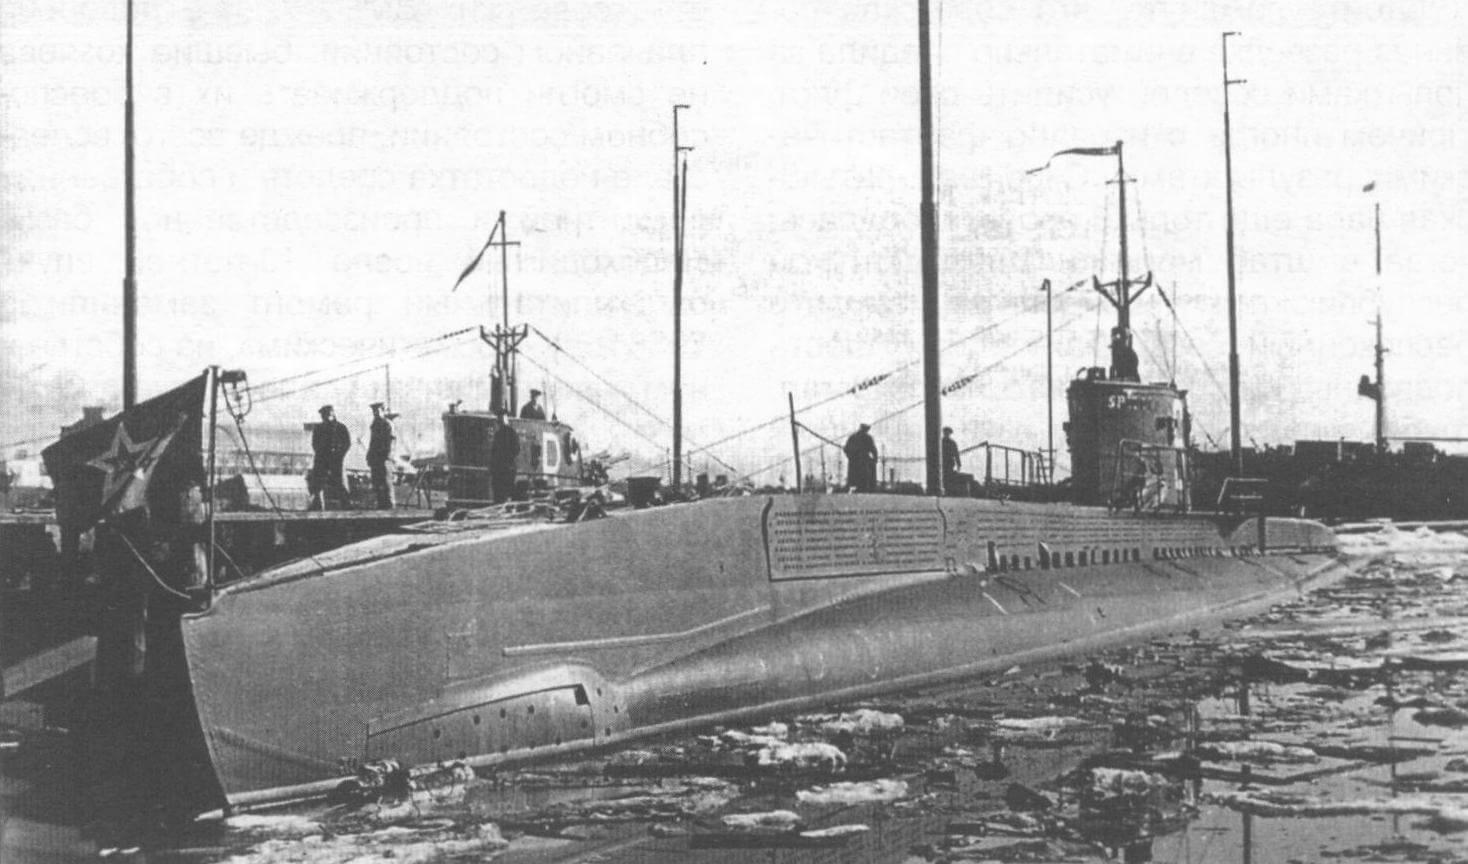 Малые подводные лодки «Спидола» (на переднем плане) и «Ронис» (на заднем плане)